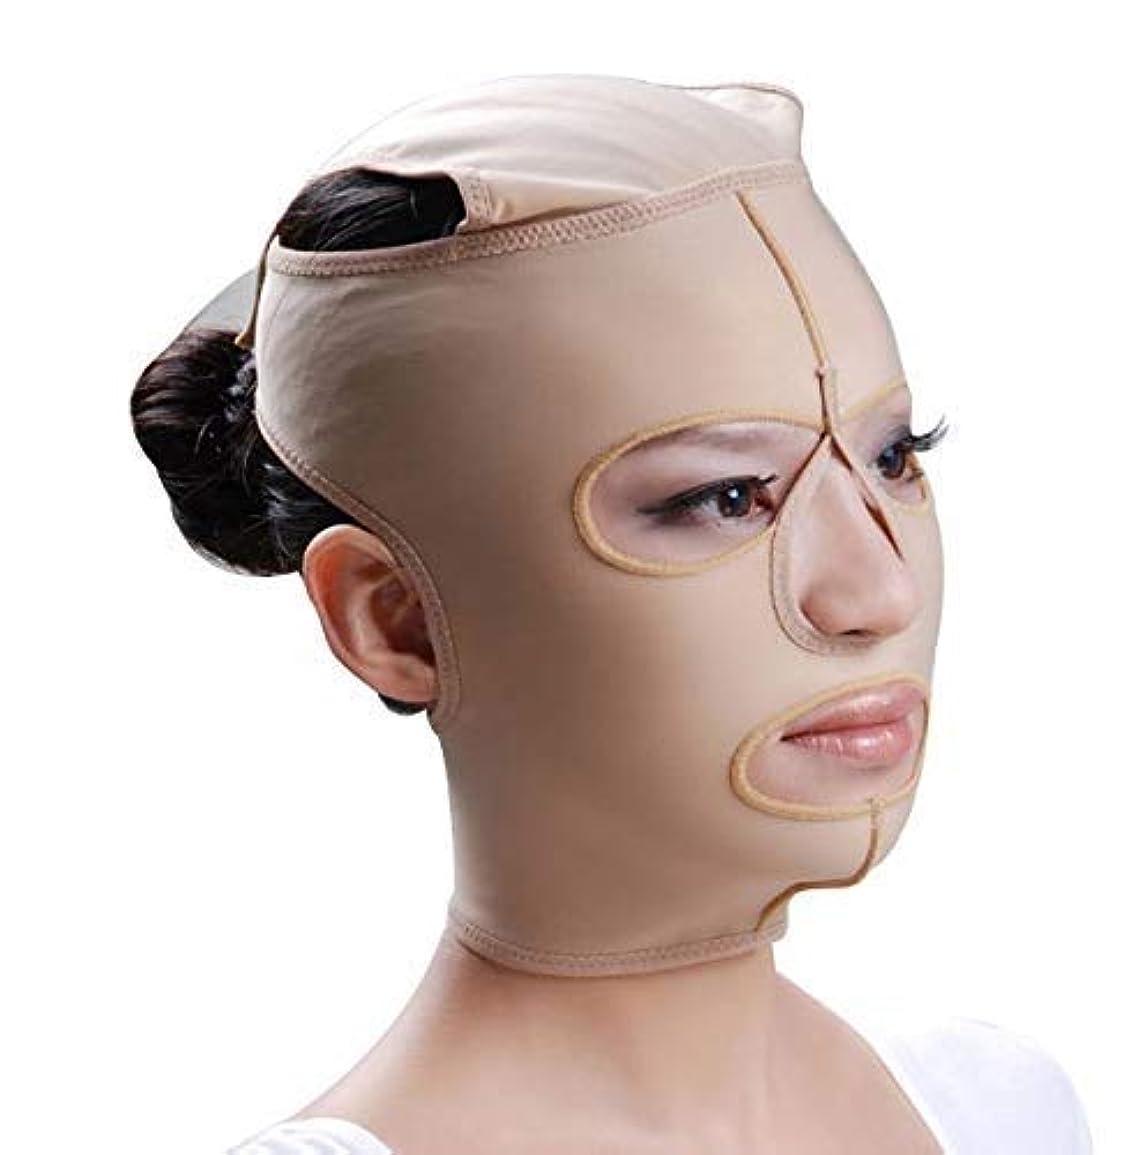 余計な職業どきどきファーミングフェイスマスク、フェイシャルマスク弾性フェイスリフティングリフティングファーミングパターンマイクロフィニッシングポストモデリングコンプレッションフェイスマスク(サイズ:L)